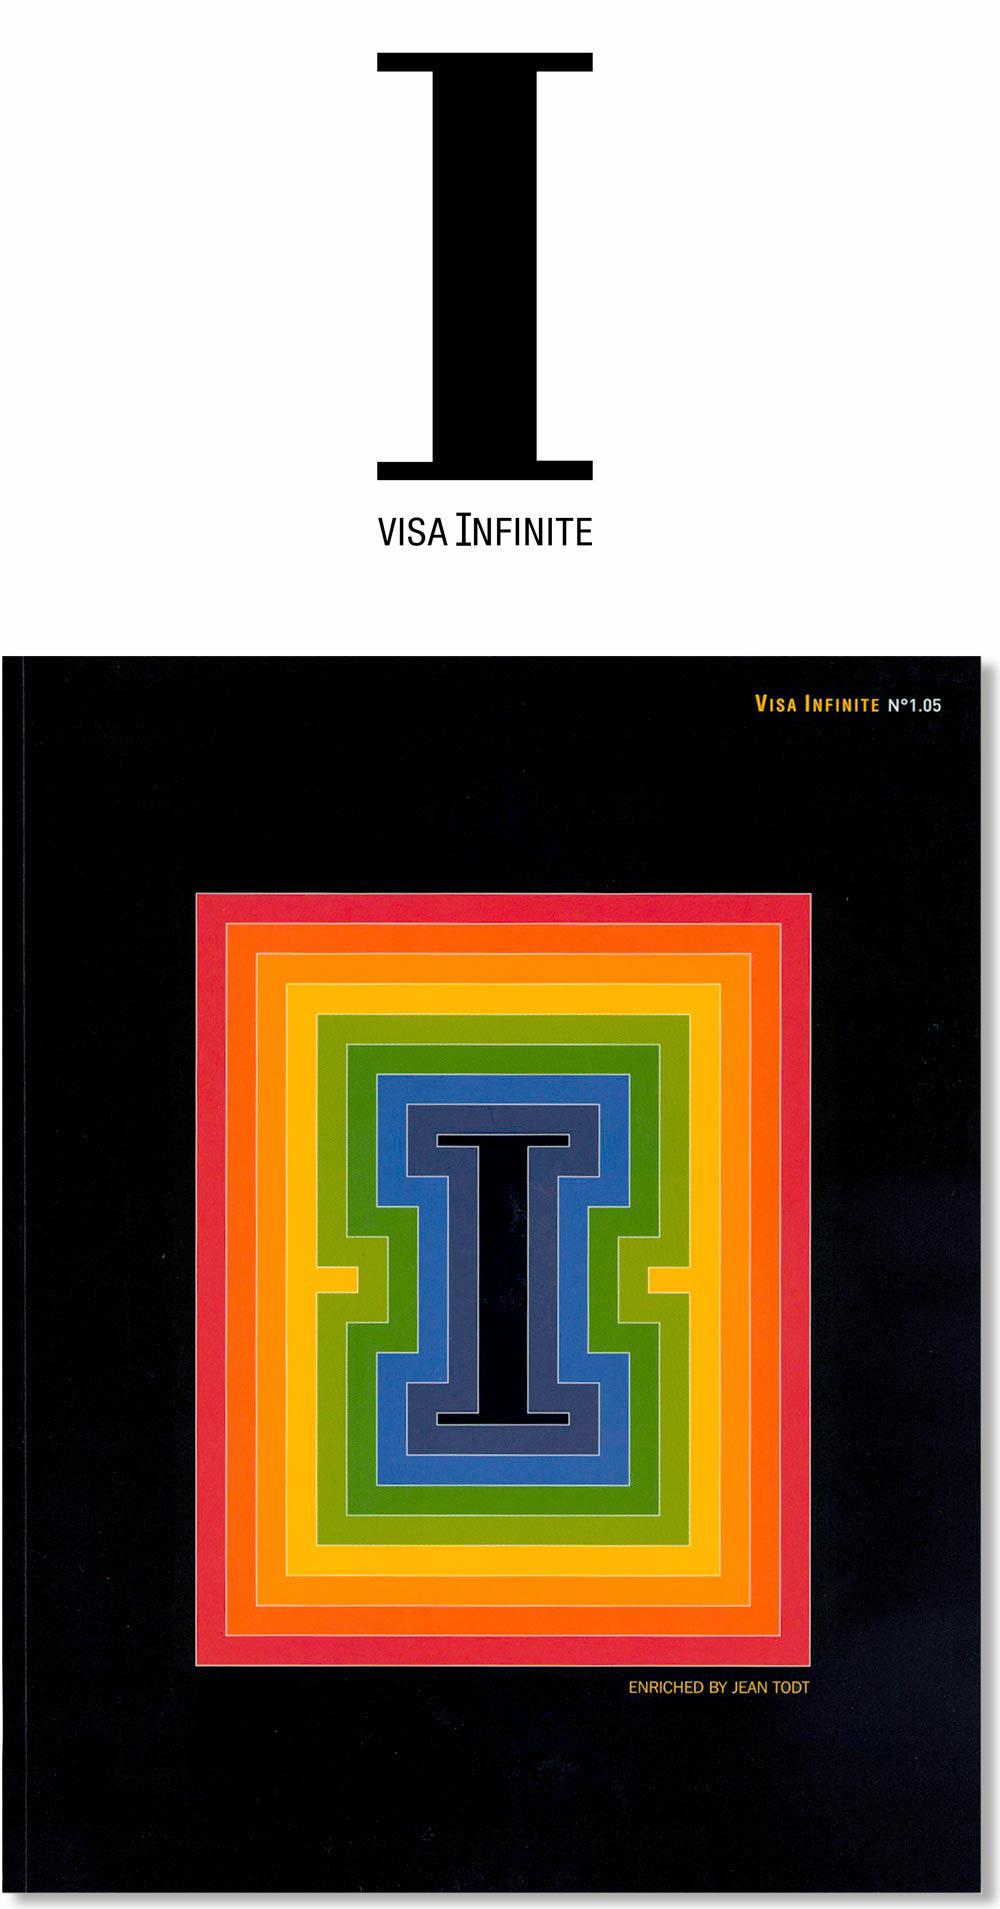 COEN Concept & Design Berlin - Visa Infinite